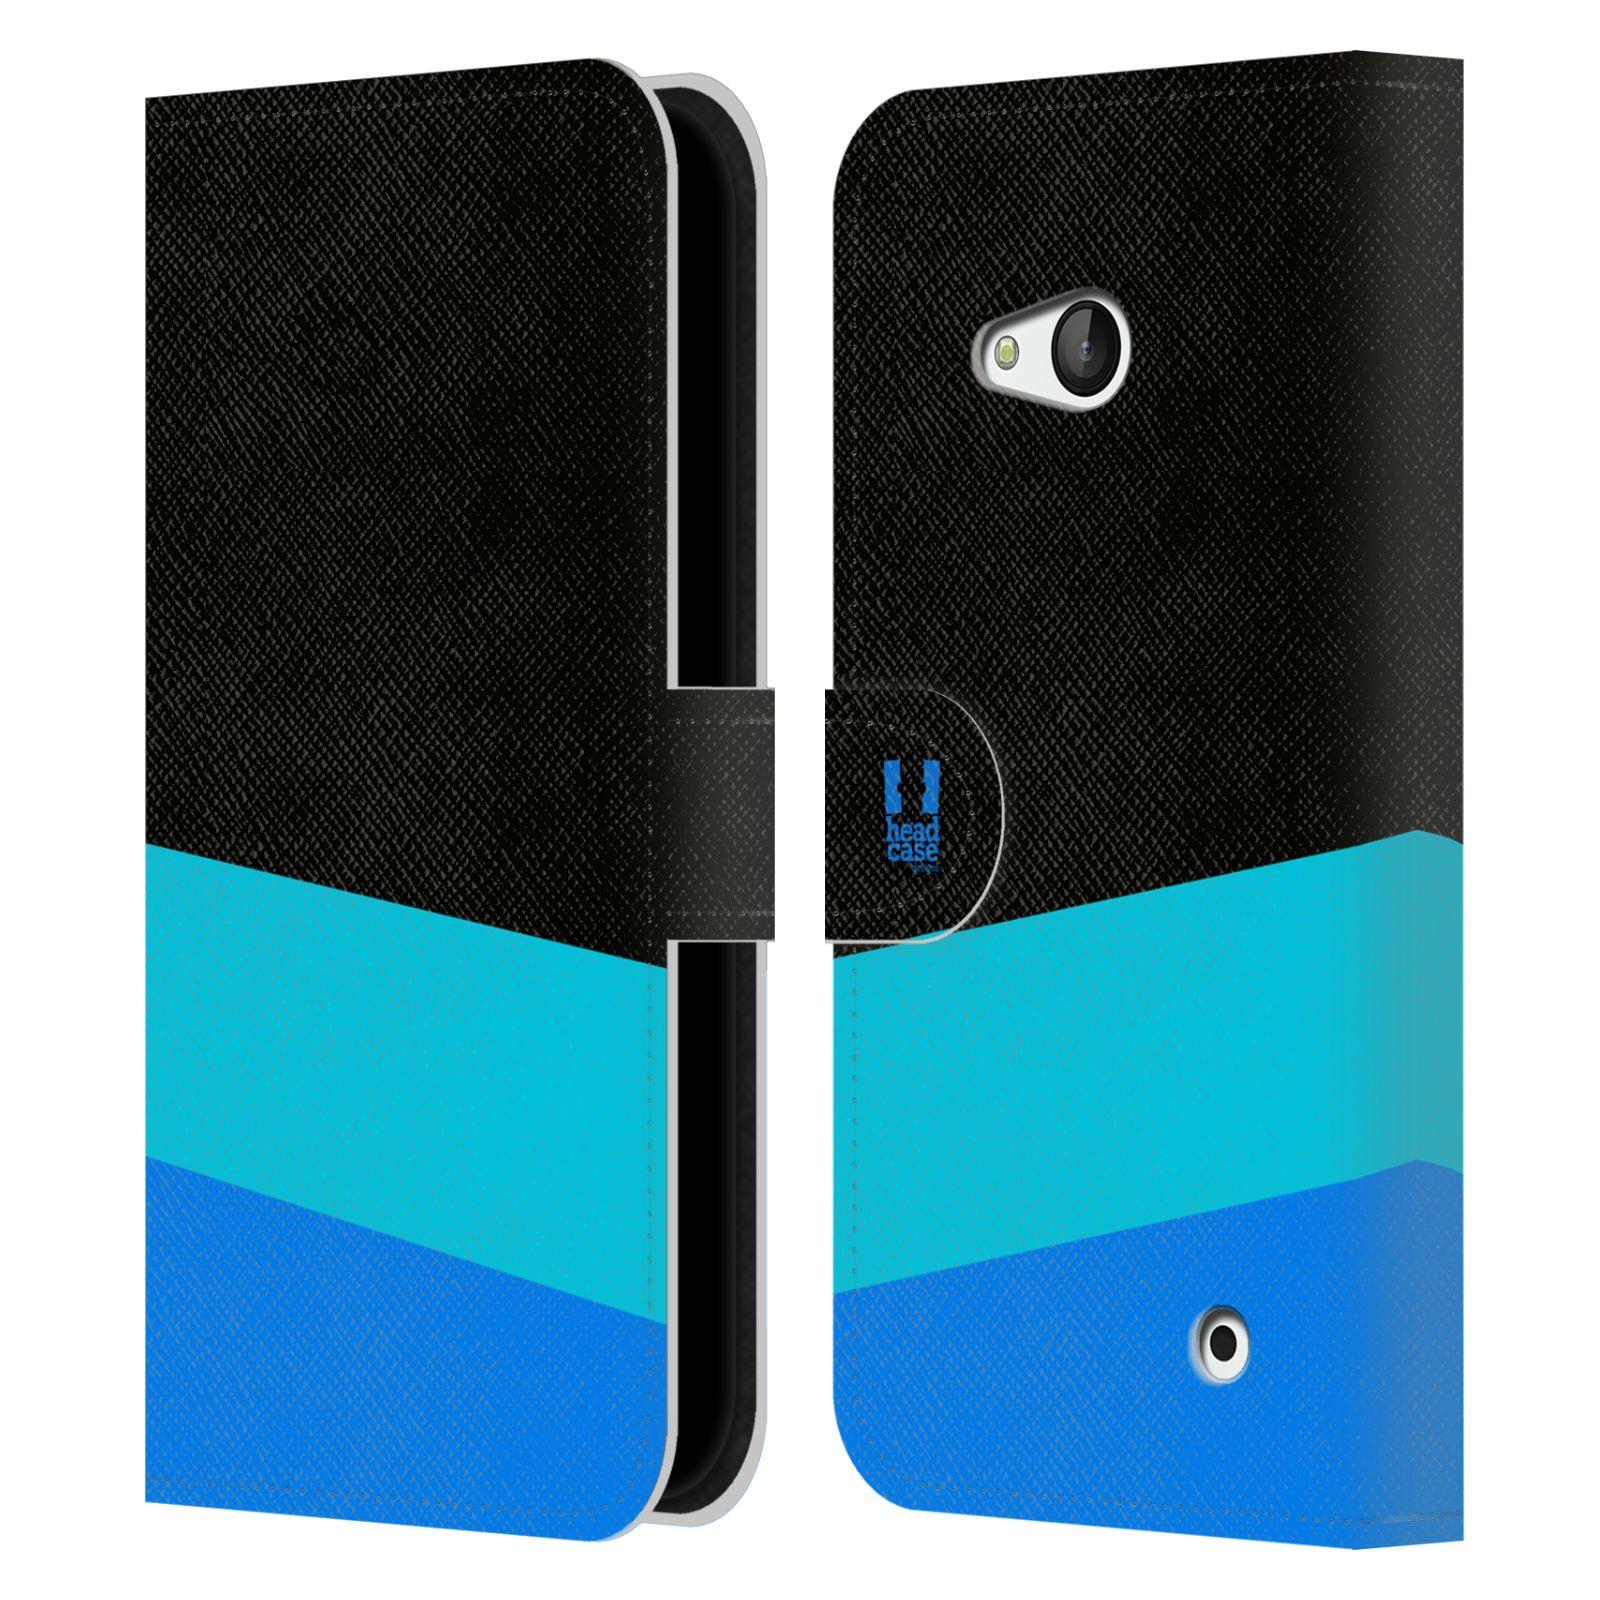 HEAD CASE Flipové pouzdro pro mobil Nokia LUMIA 640 barevné tvary modrá a černá FORMAL